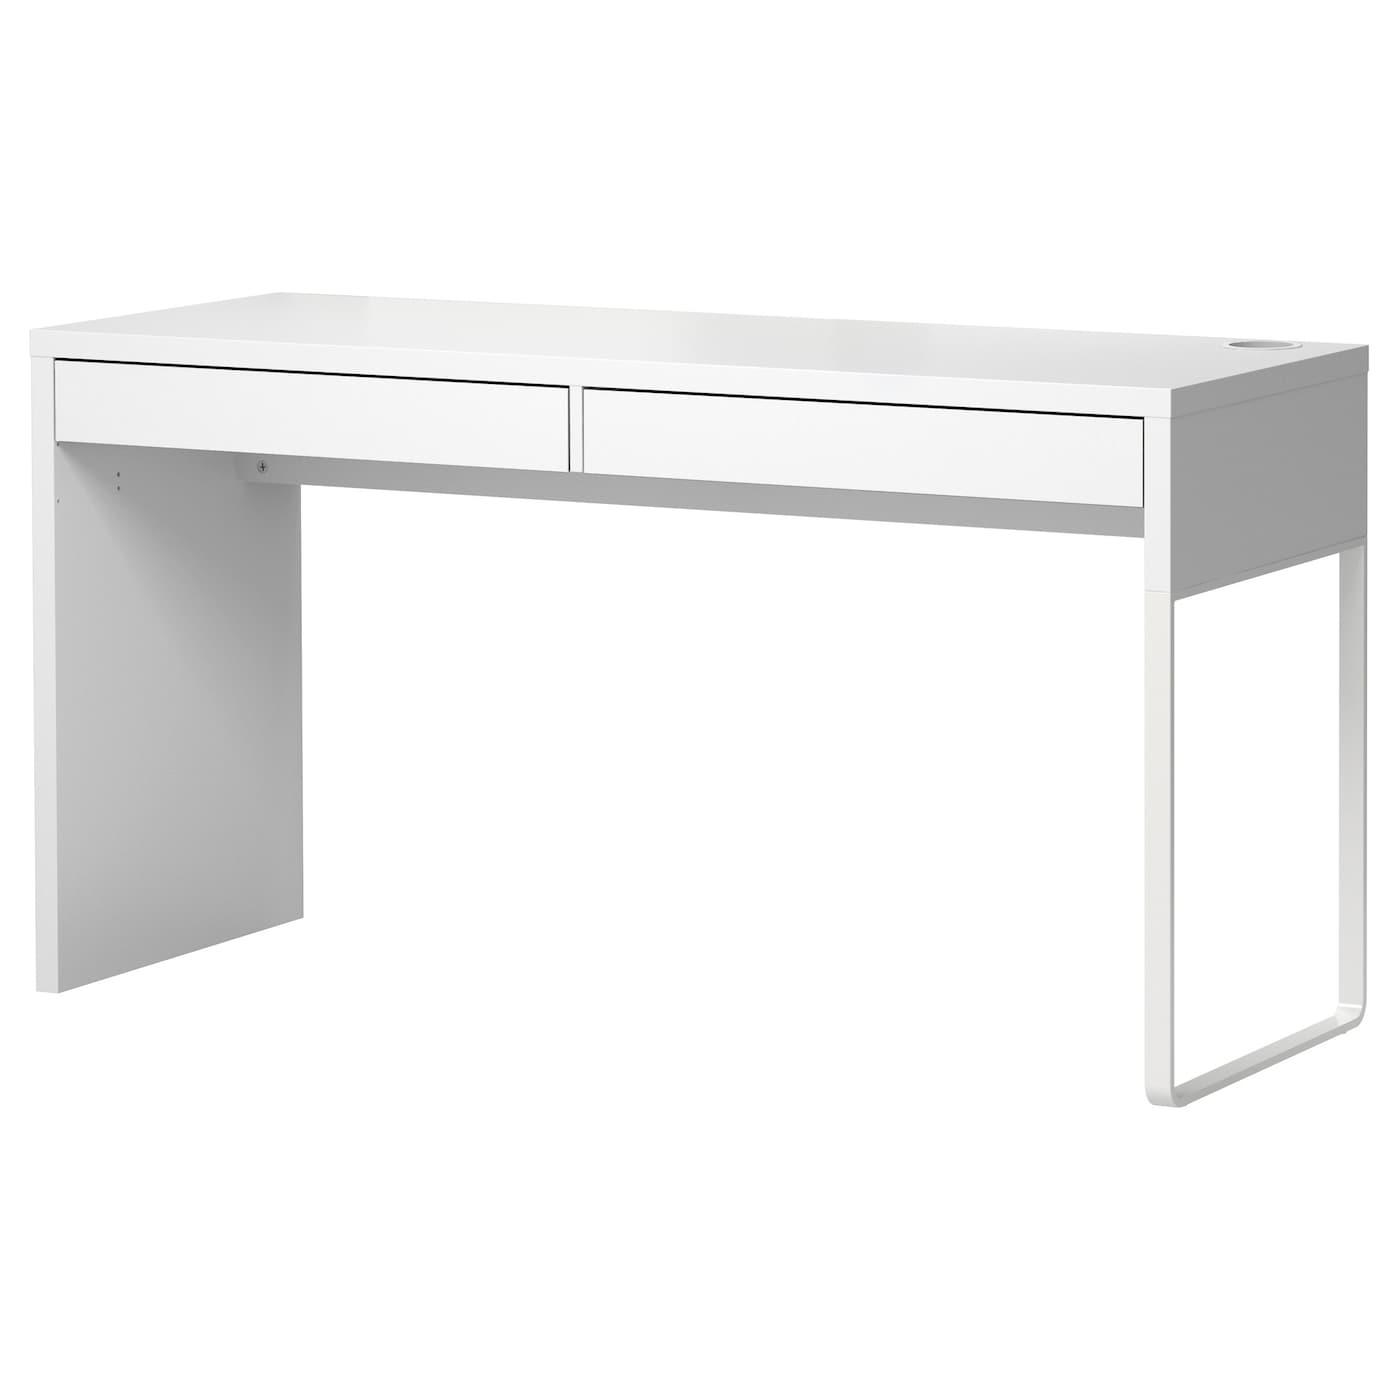 Micke bureau wit 142x50 cm ikea for Bureau ikea micke